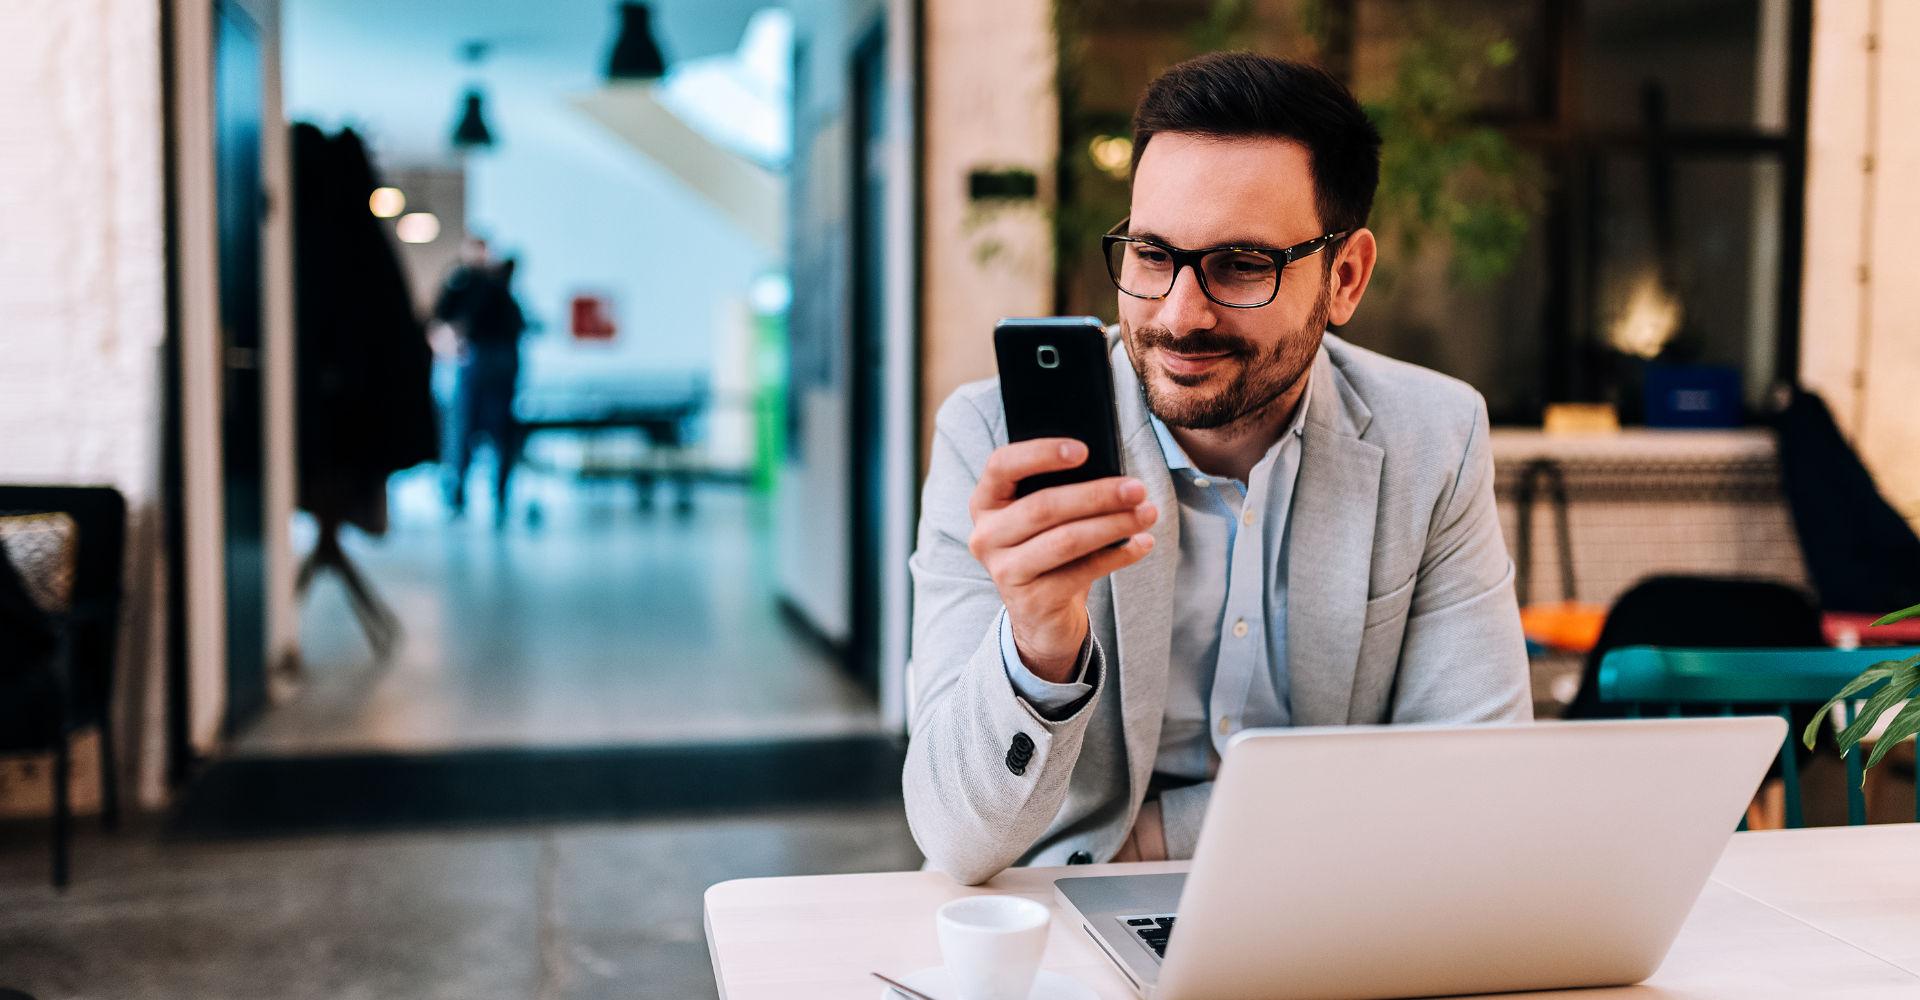 Ein Geschäftsmann lernt das Programmieren via Smartphone